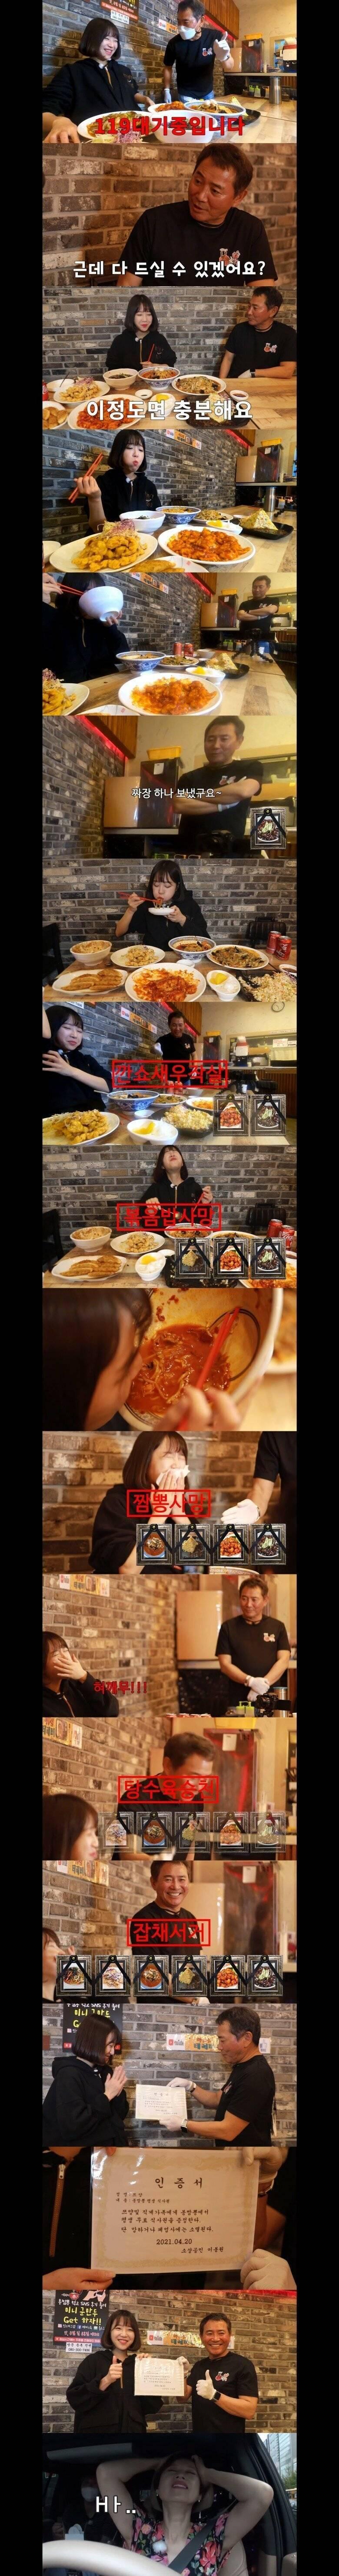 이봉원 중국집 찾아간 쯔양 | 인스티즈